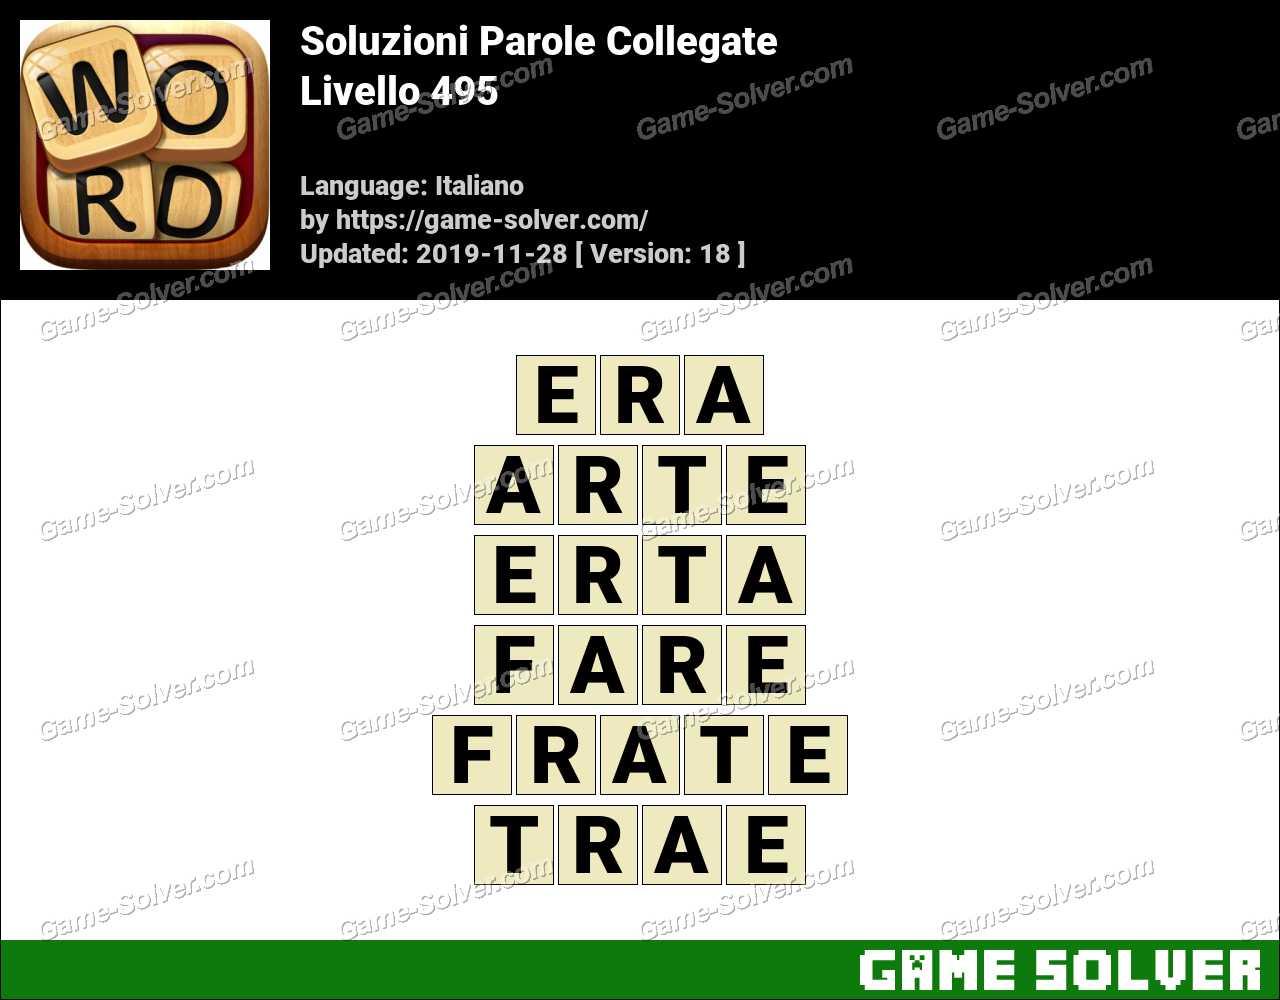 Soluzioni Parole Collegate Livello 495